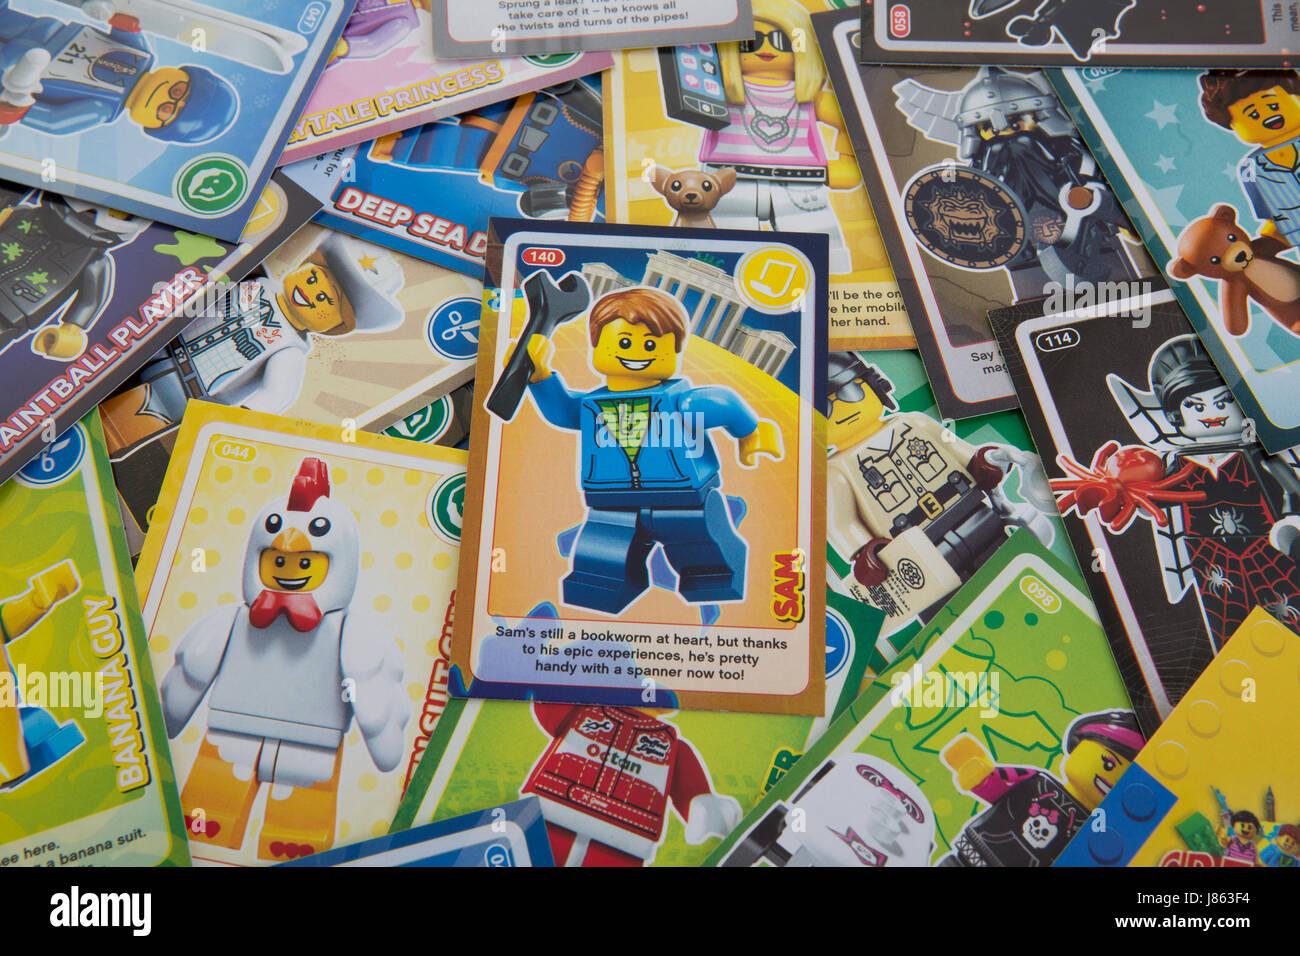 SWINDON, UK - MAY 27, 2017: LEGO Create the World Trading Cards - Stock Image